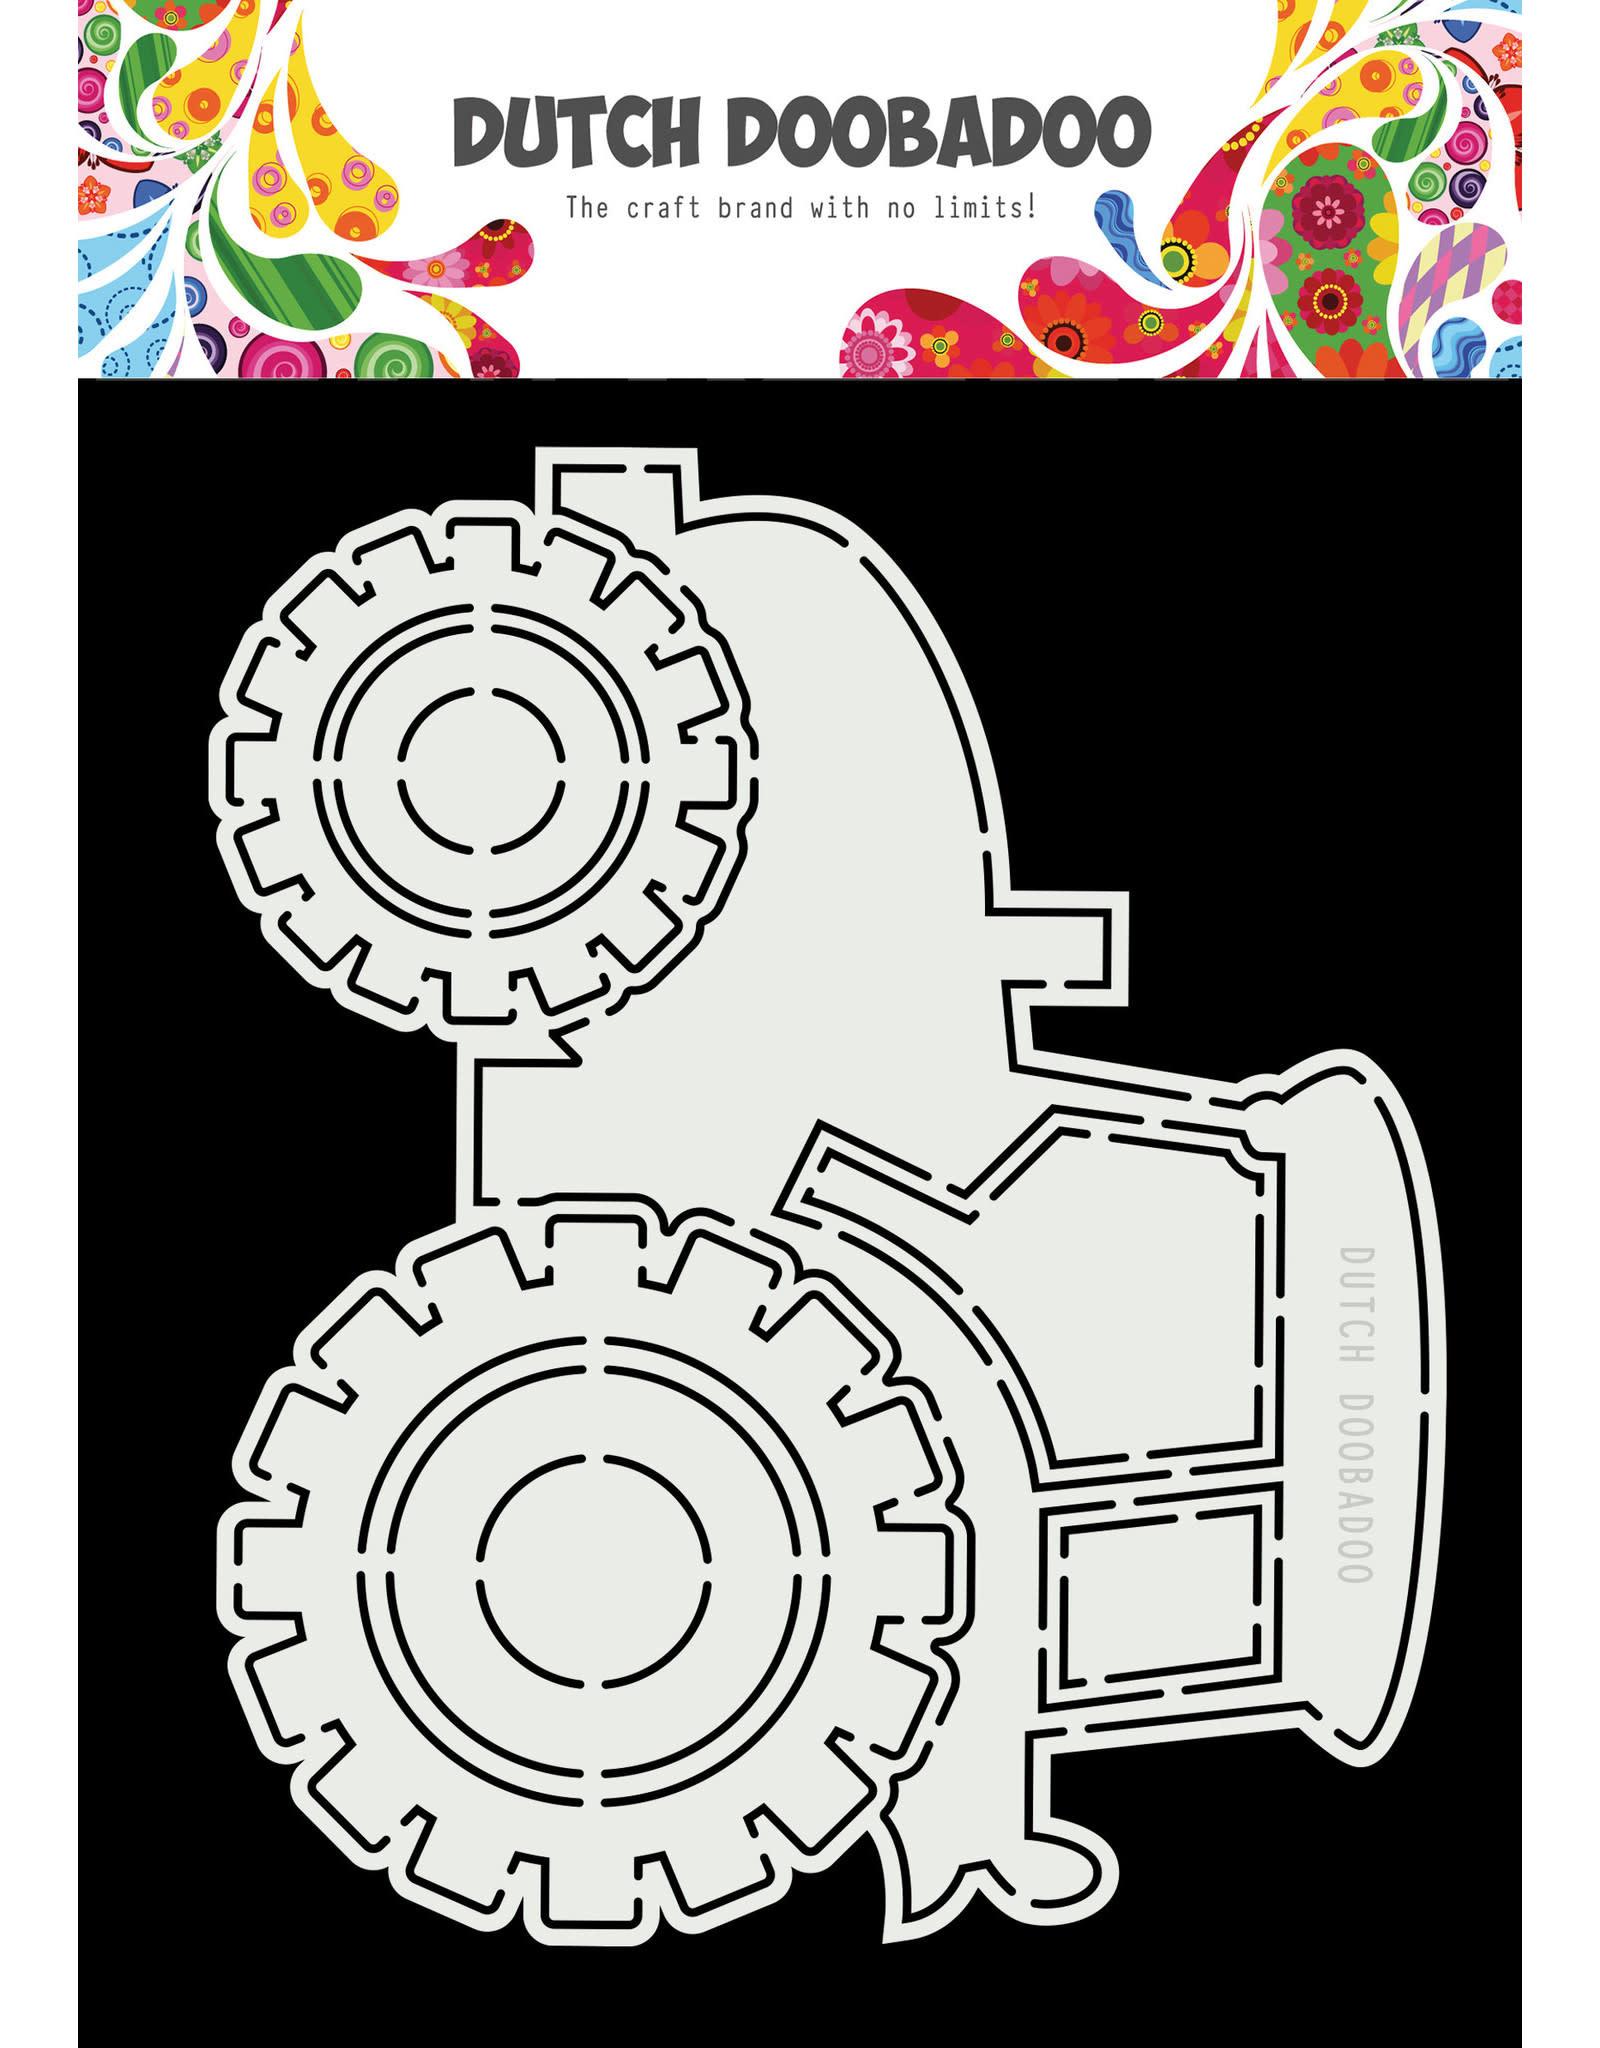 Dutch Doobadoo Dutch Doobadoo card art a5 tractor